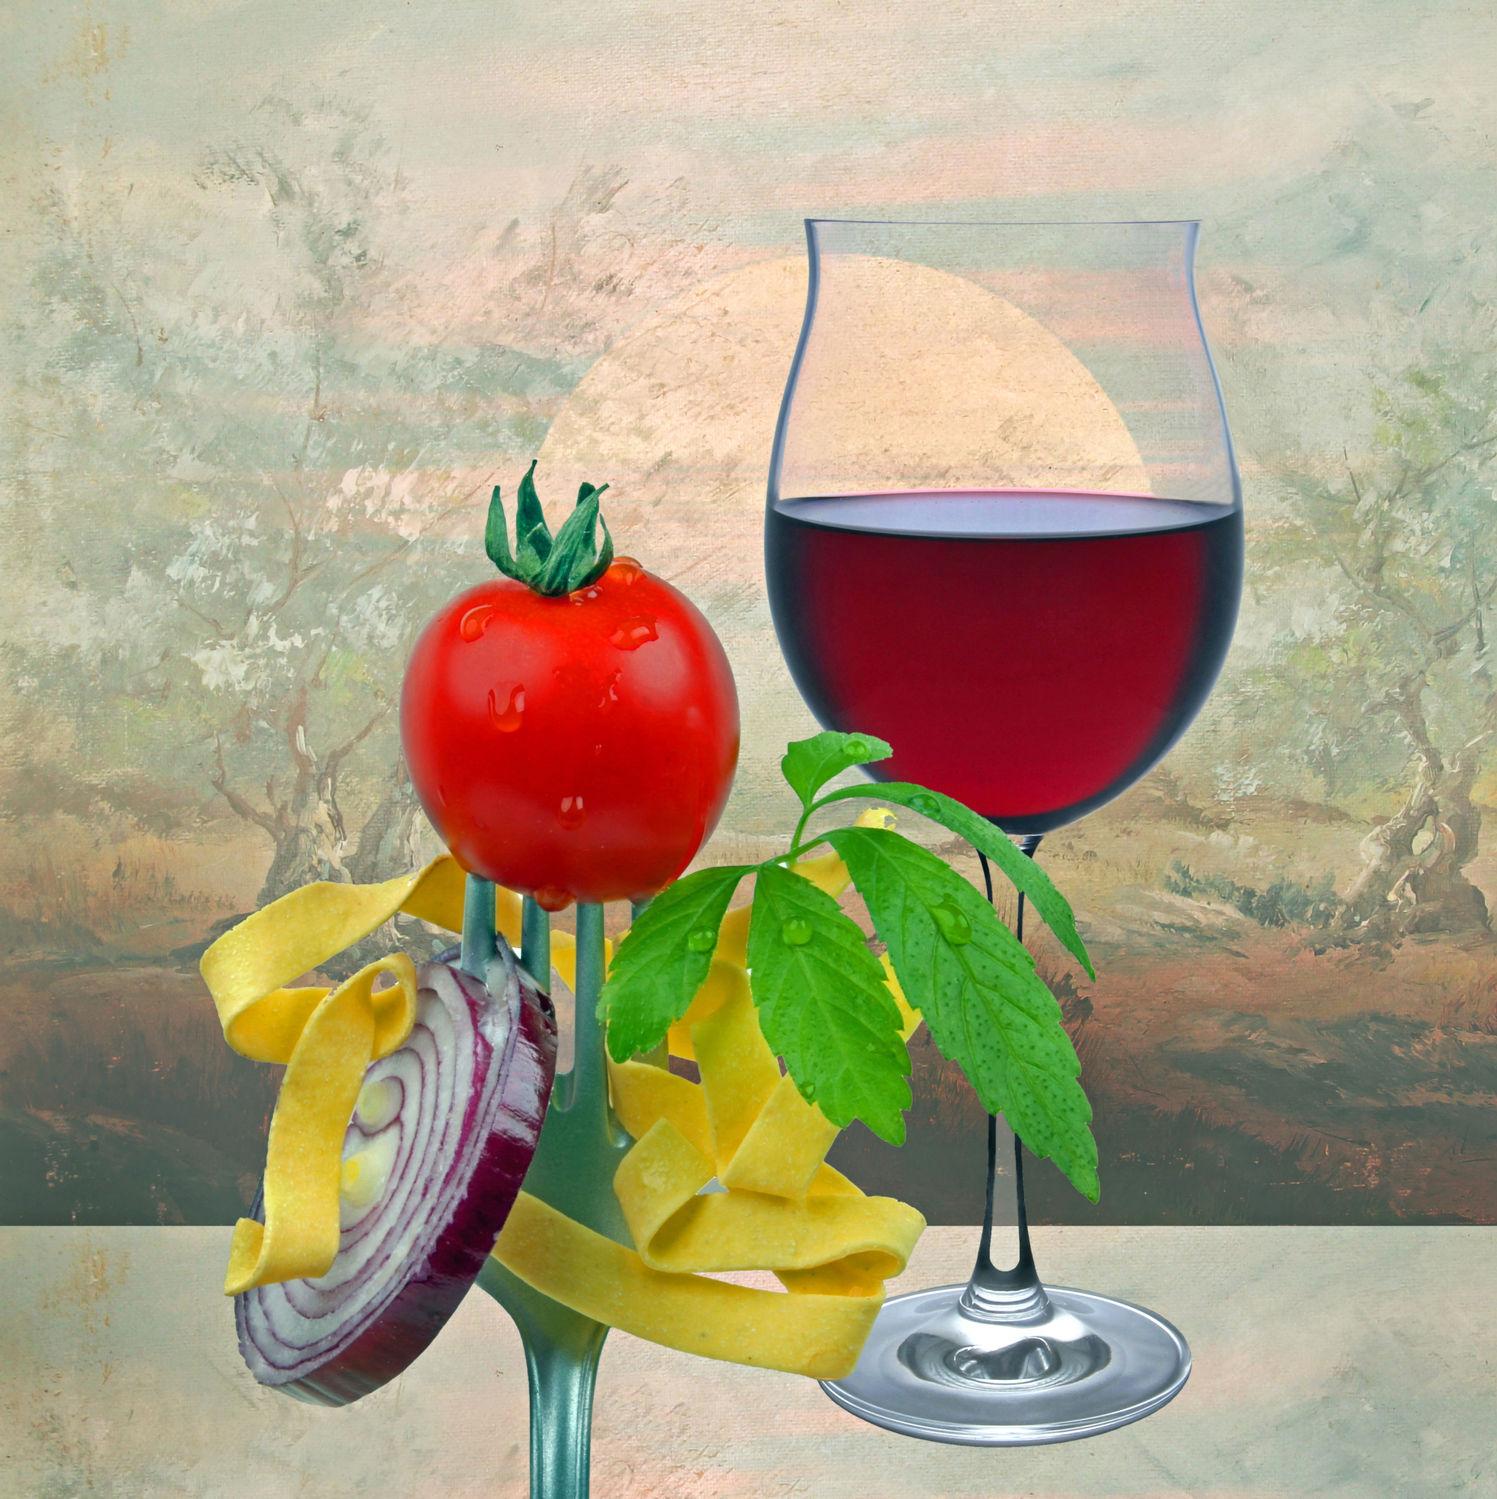 Bild mit Himmel, Bäume, Wolken, Sonnenuntergang, Sonne, Nudeln, Pasta, Tomaten, Toskana, Wein, Zwiebeln, rotwein, rotweinglas